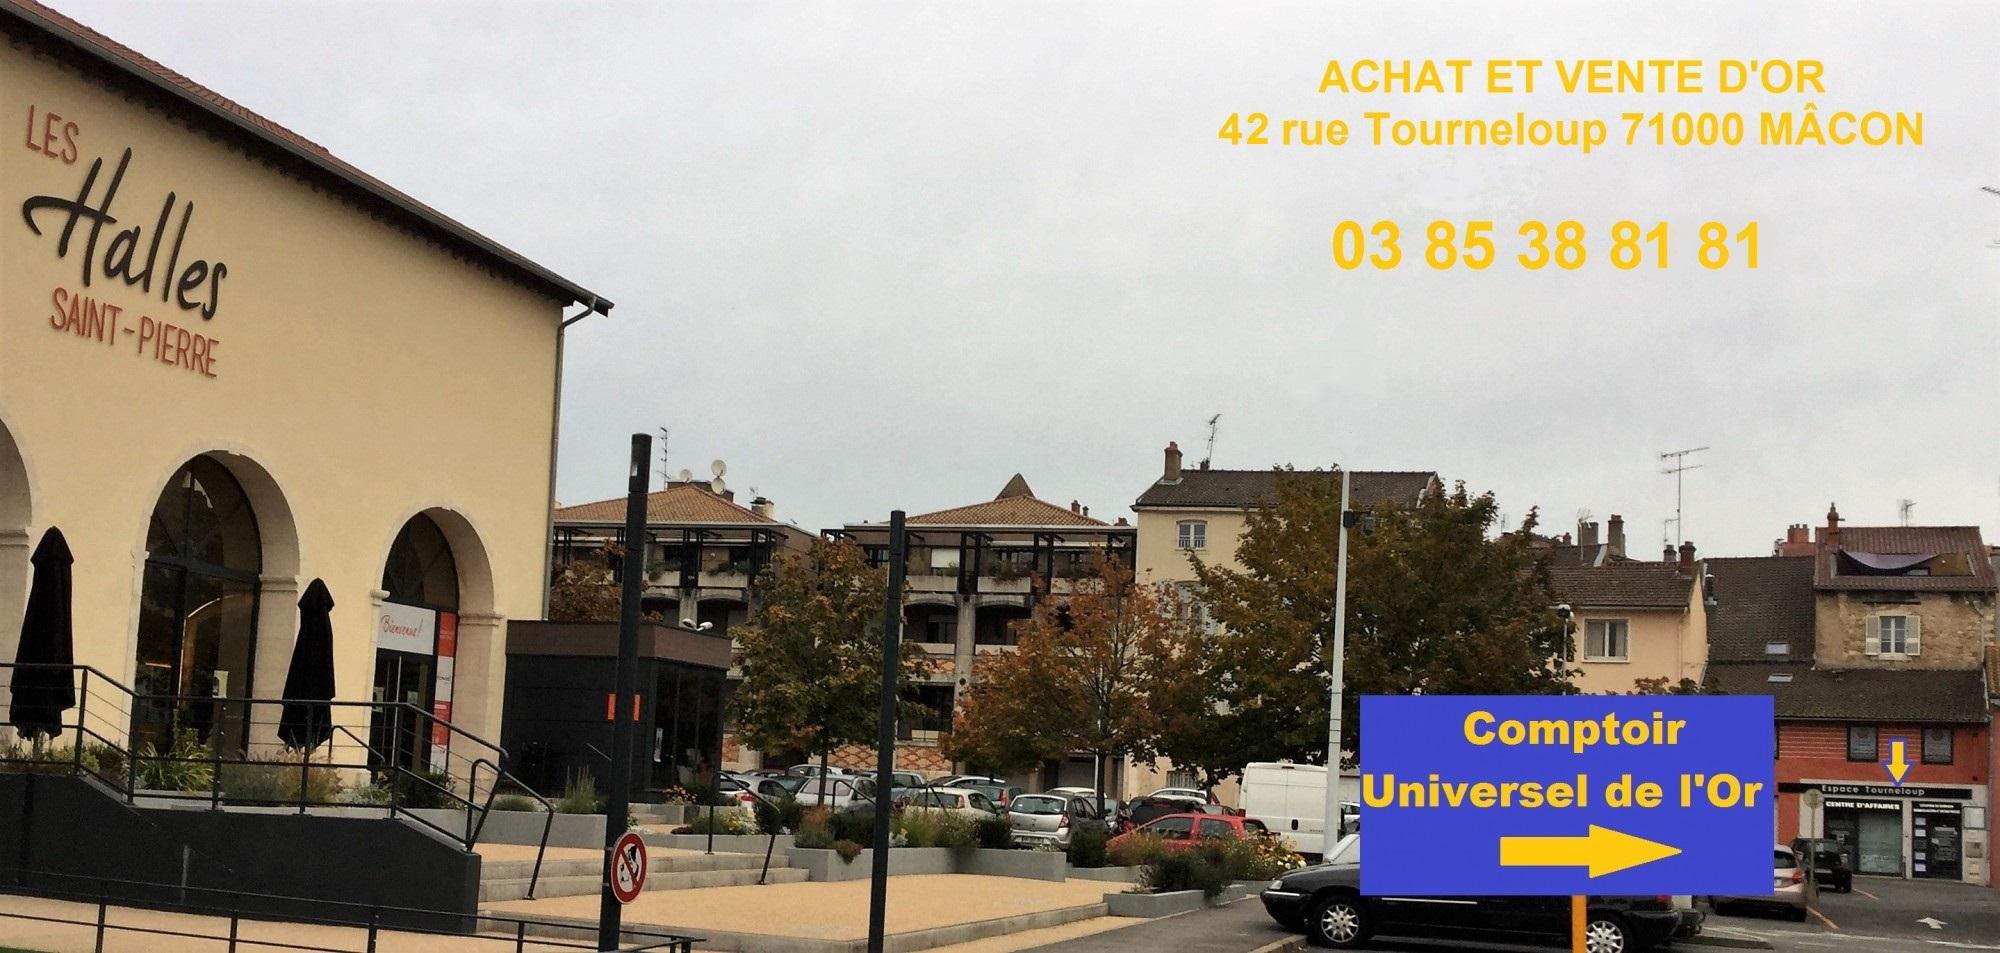 ACHAT OR ET VENTE D OR A MÂCON DEPUIS LE 3 JANVIER 2017